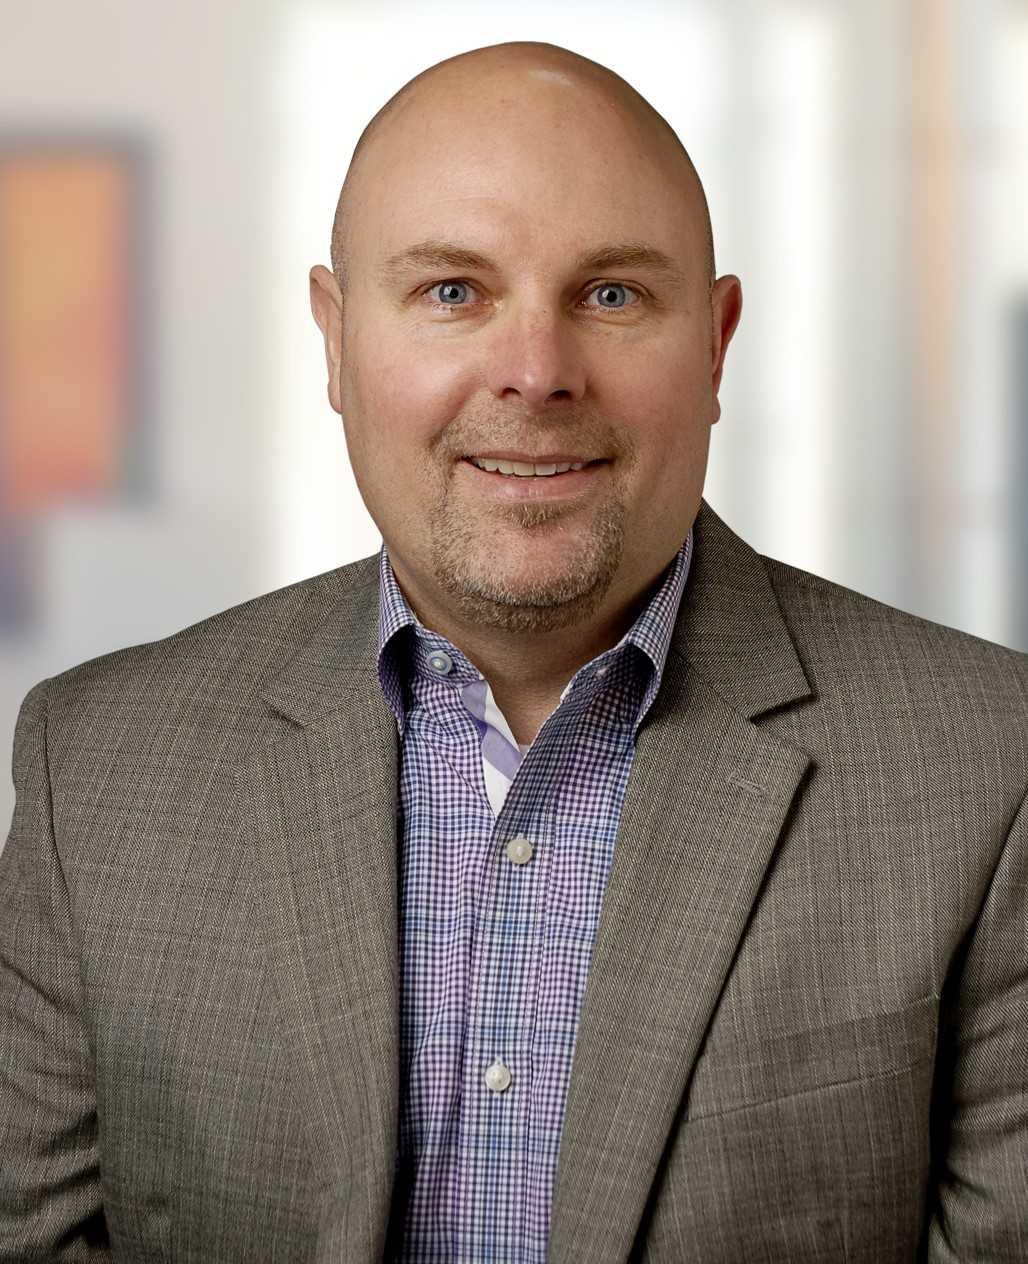 Mark Wemette - Chief Strategist